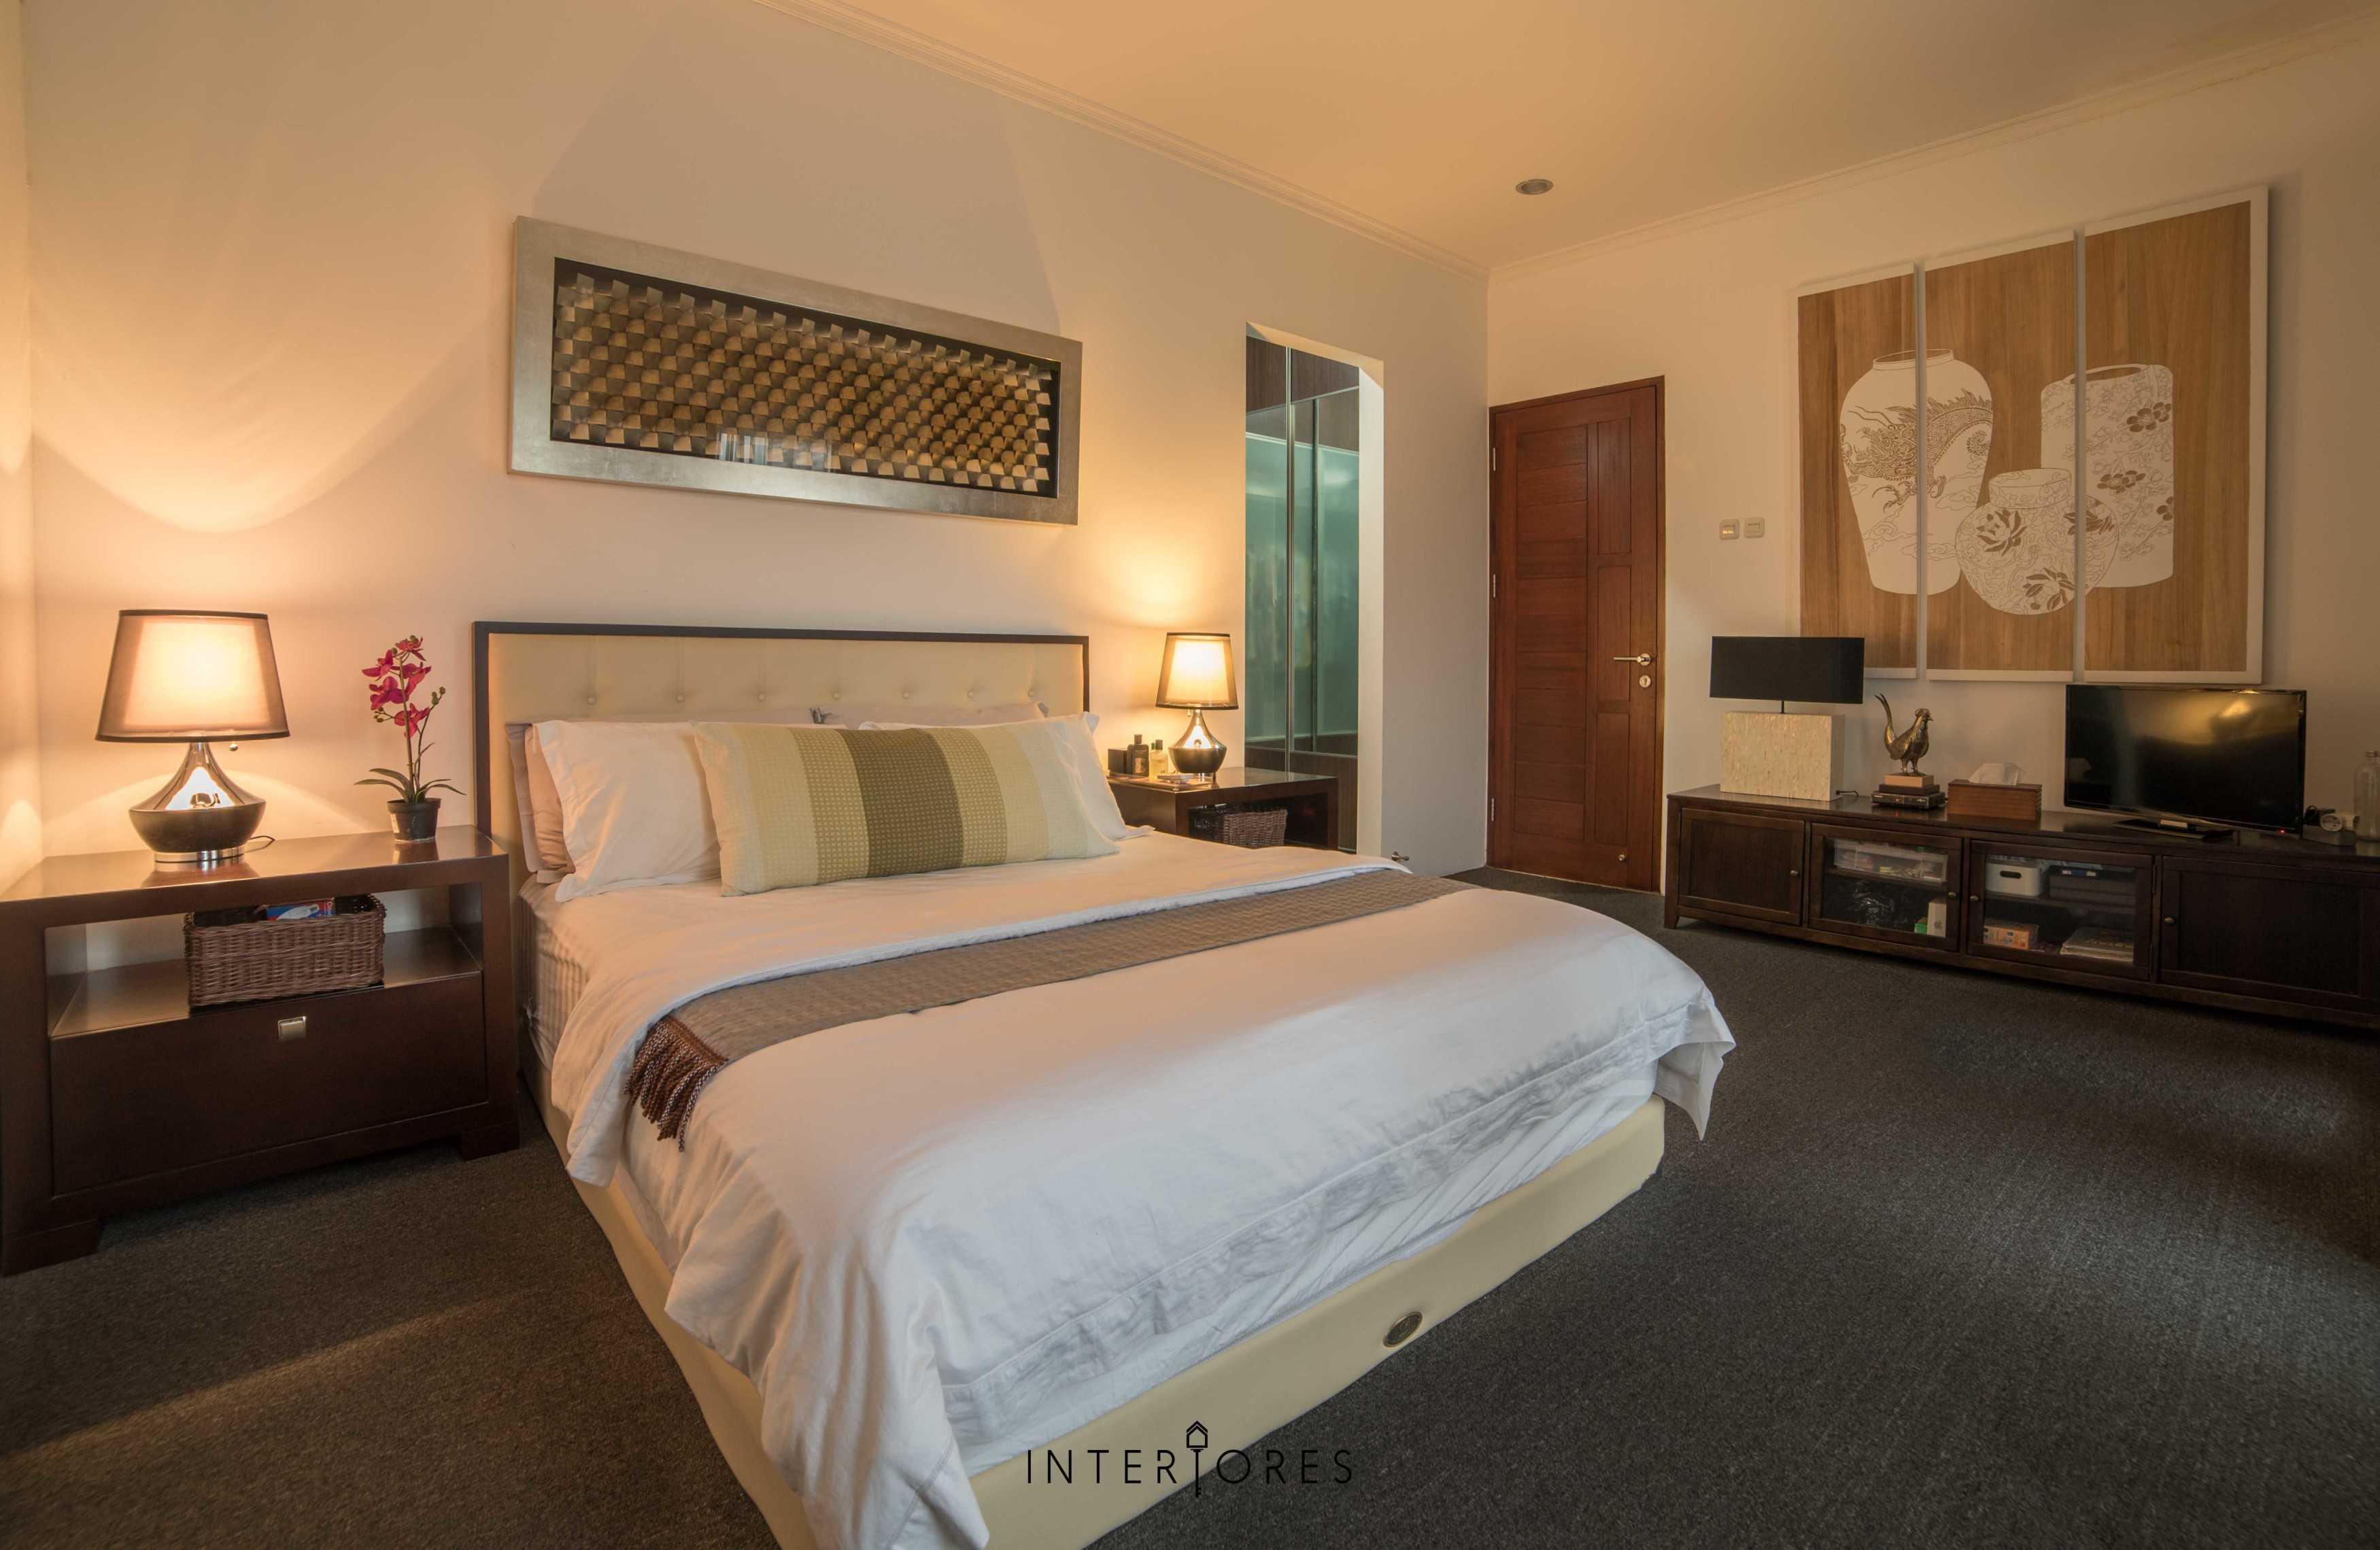 Interiores Interior Consultant & Build Greta 90 Bintaro Bintaro Bedroom Kontemporer  17679